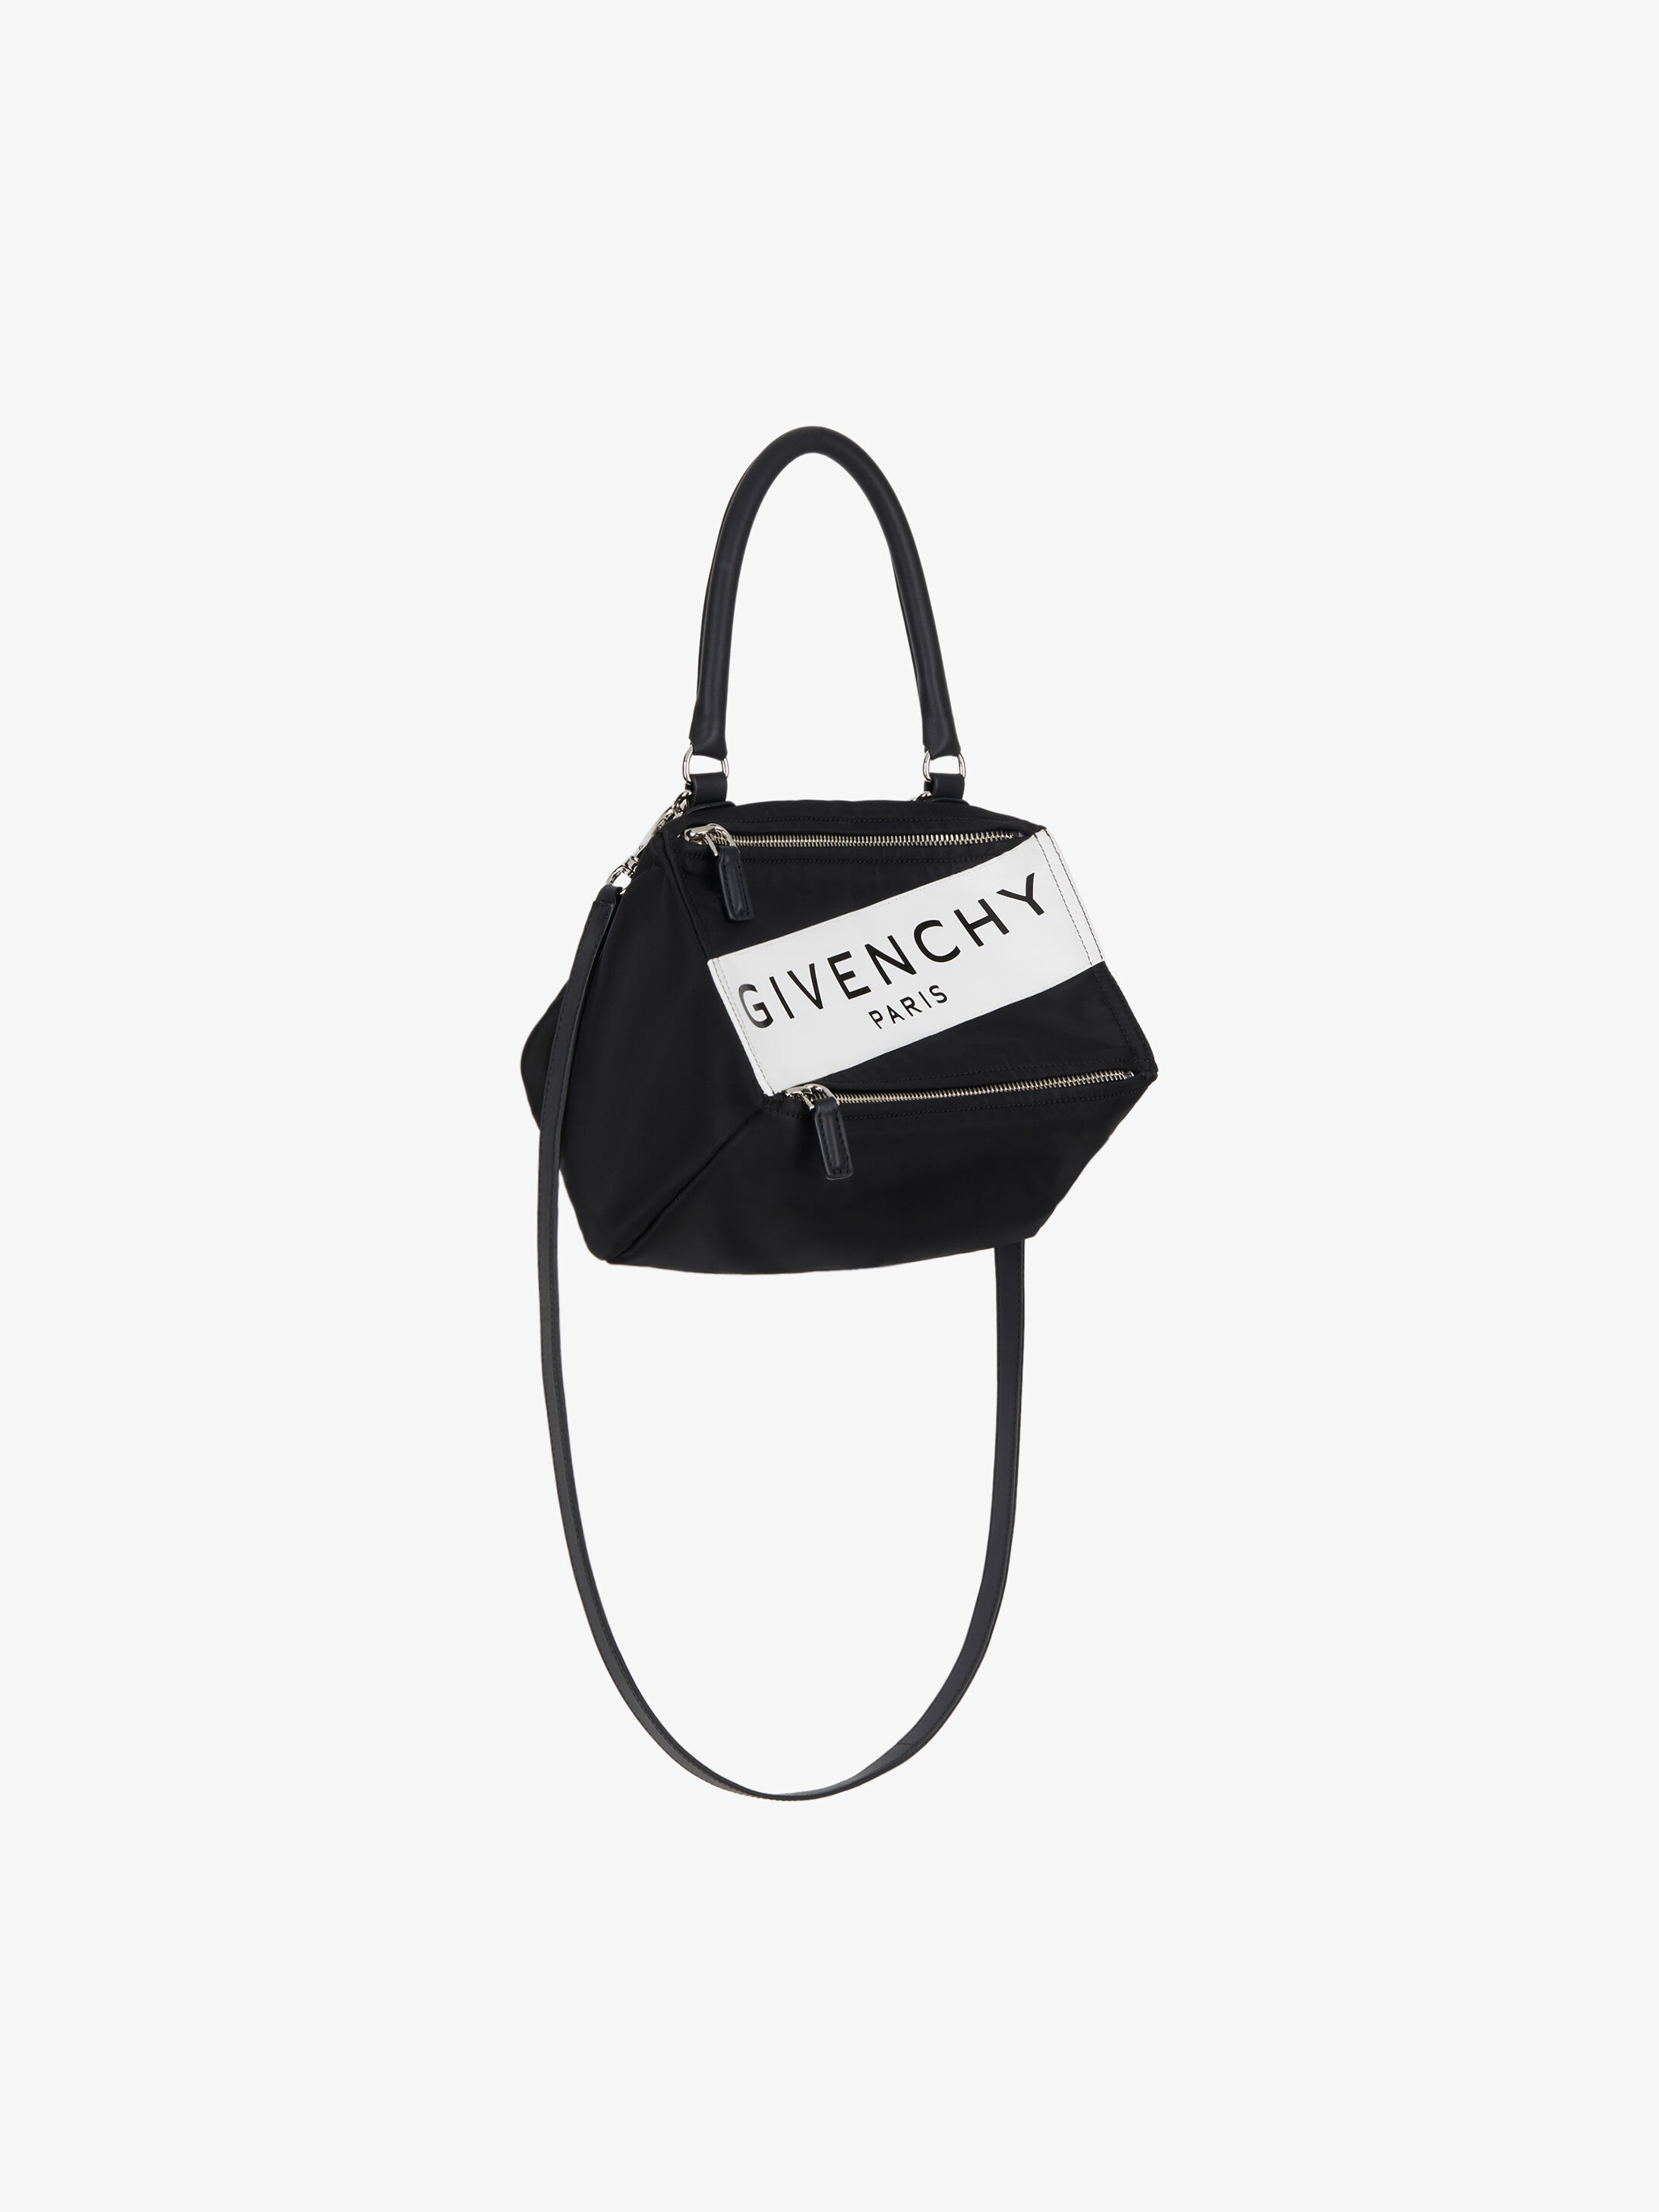 ee1886759cd GIVENCHY PARIS band small Pandora bag in nylon | GIVENCHY Paris